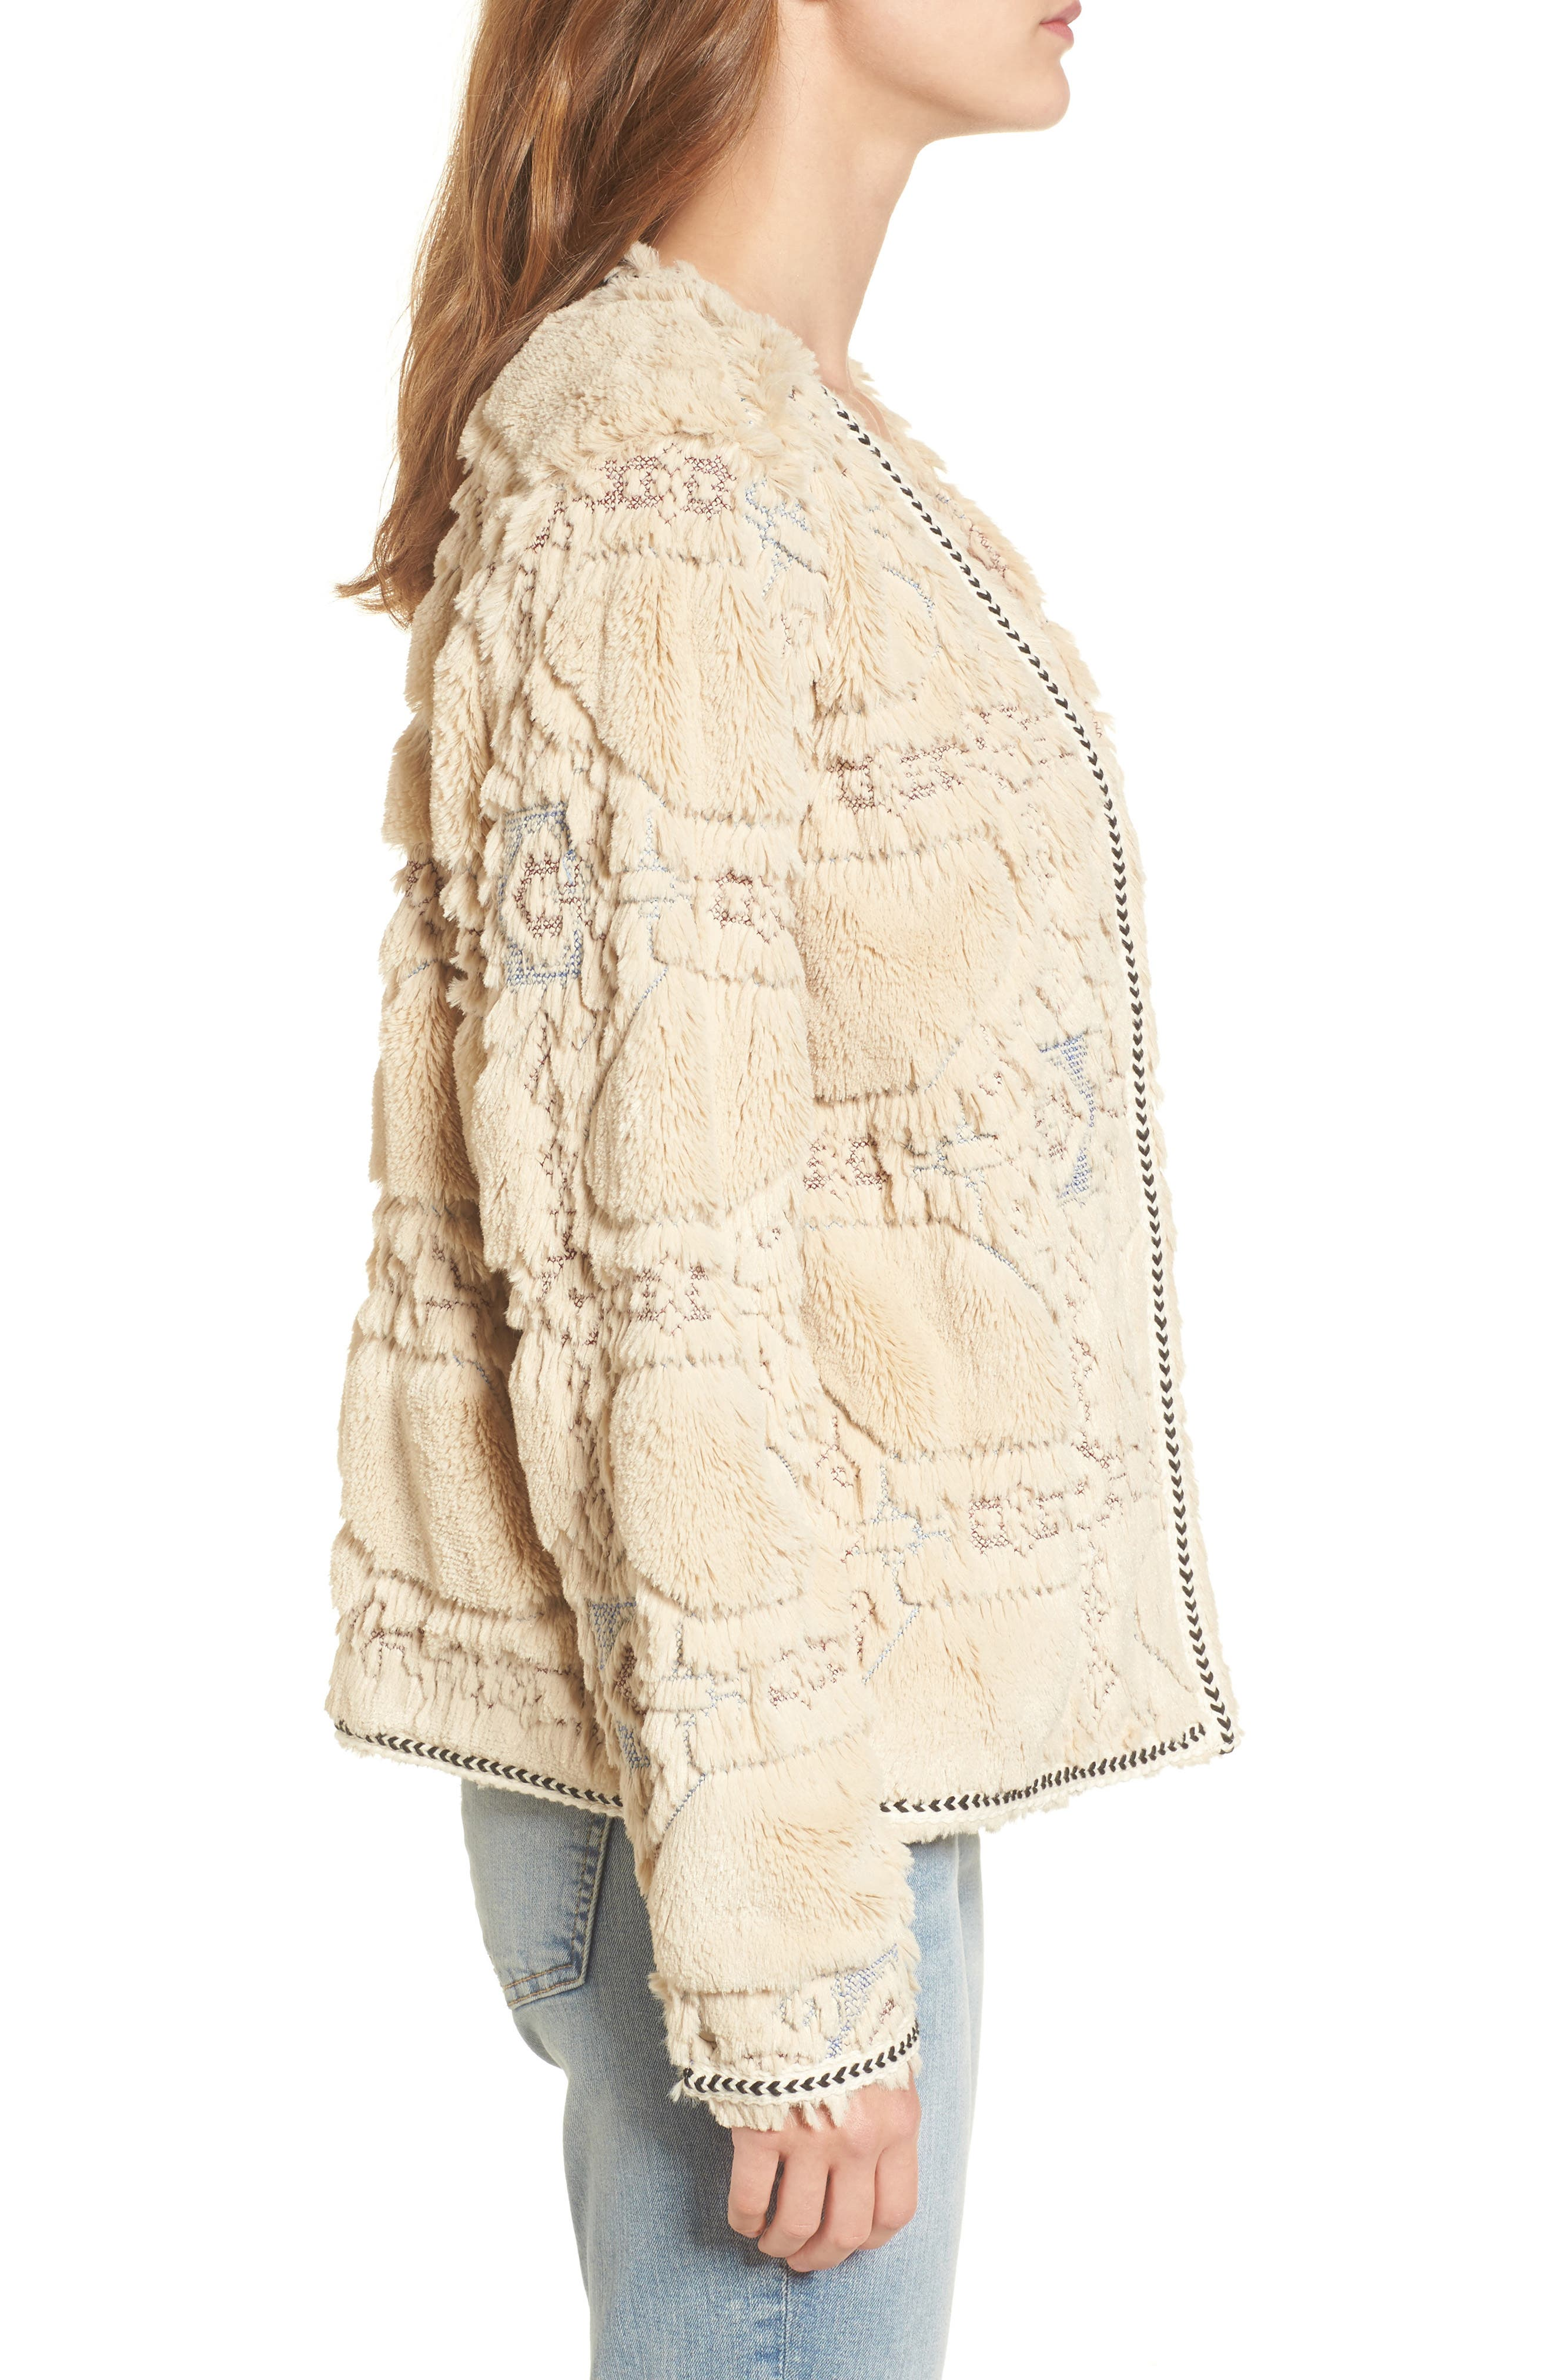 BNCI Embossed Faux Fur Cardigan,                             Alternate thumbnail 3, color,                             Cream